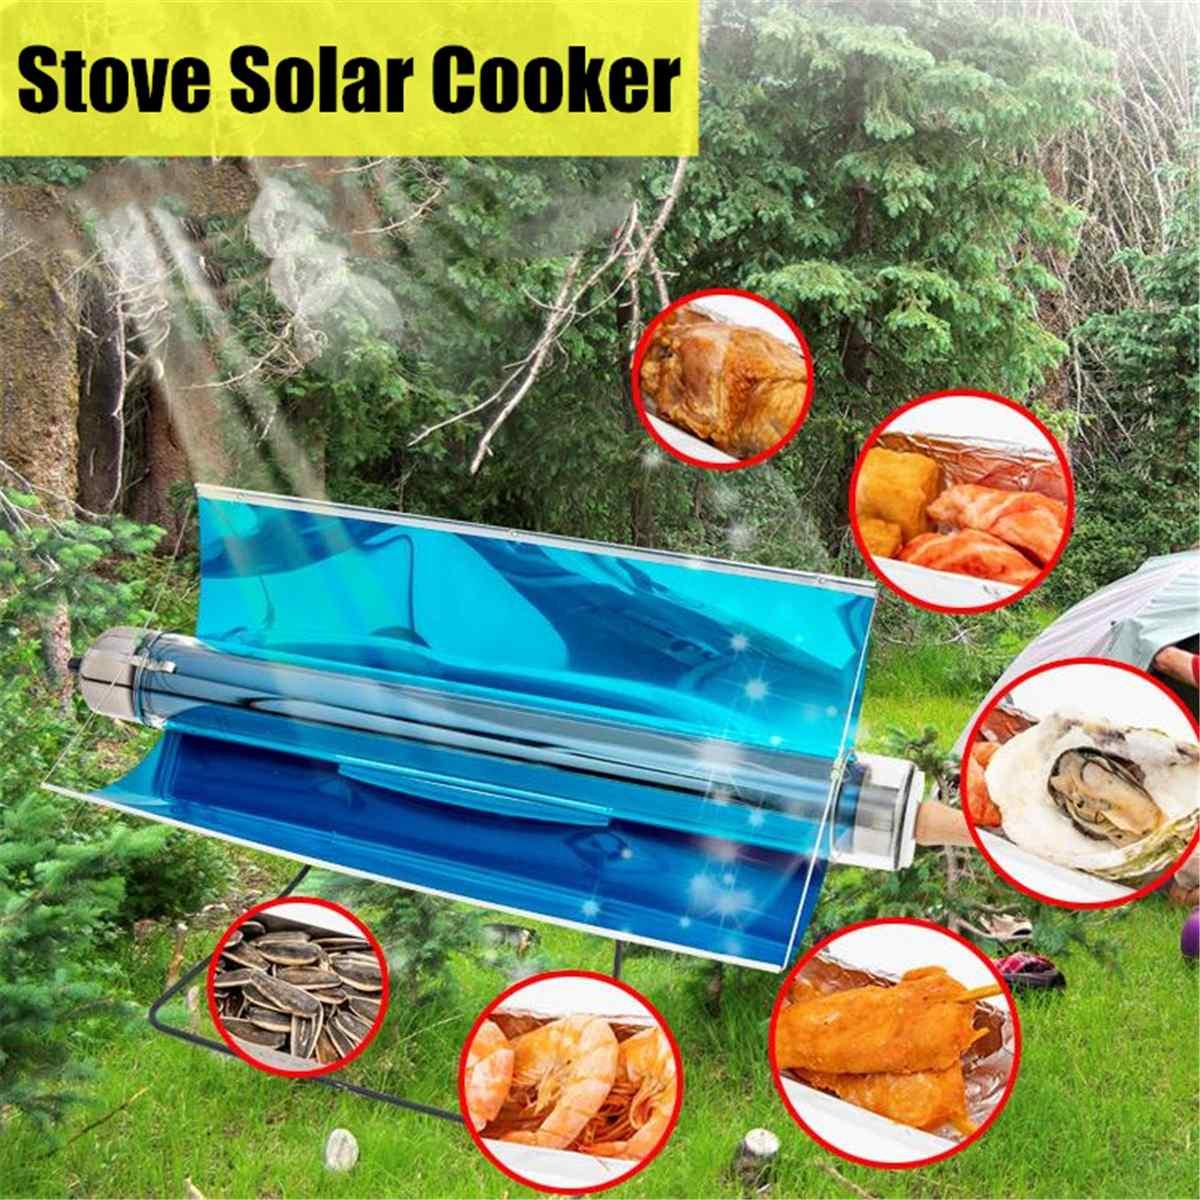 Chaud Portable pliant cuisinière solaire cuisinière four carburant gratuit pique-nique cuisson Barbecue nourriture Camping randonnée en plein air Barbecue Grill 75X35X35 cm